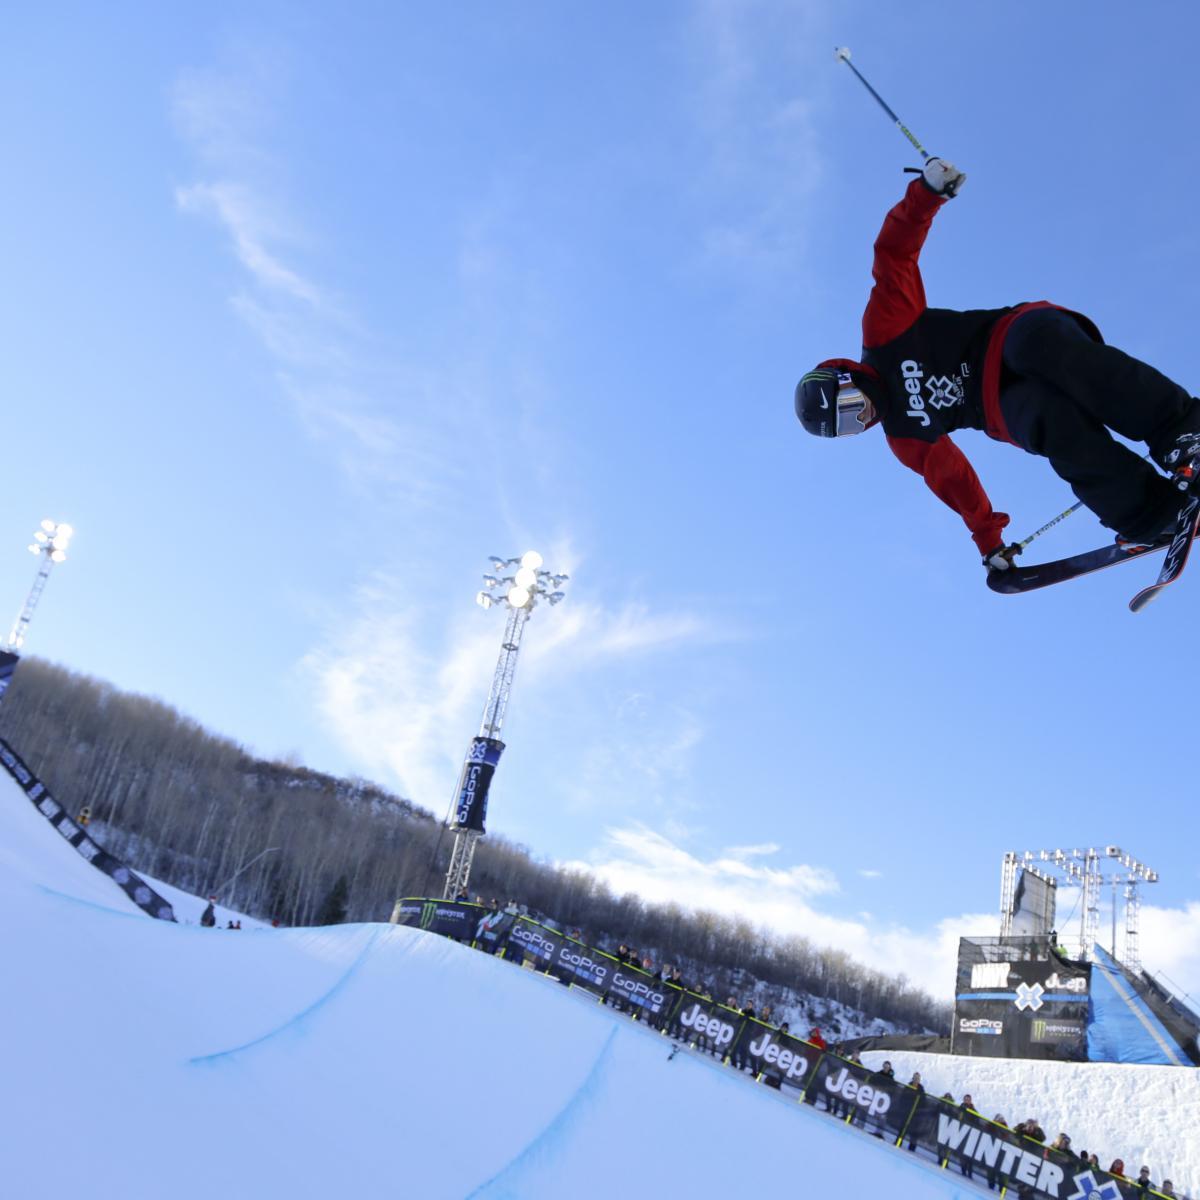 Winter X Games 2016: Aspen Dates, TV Schedule, Live Stream